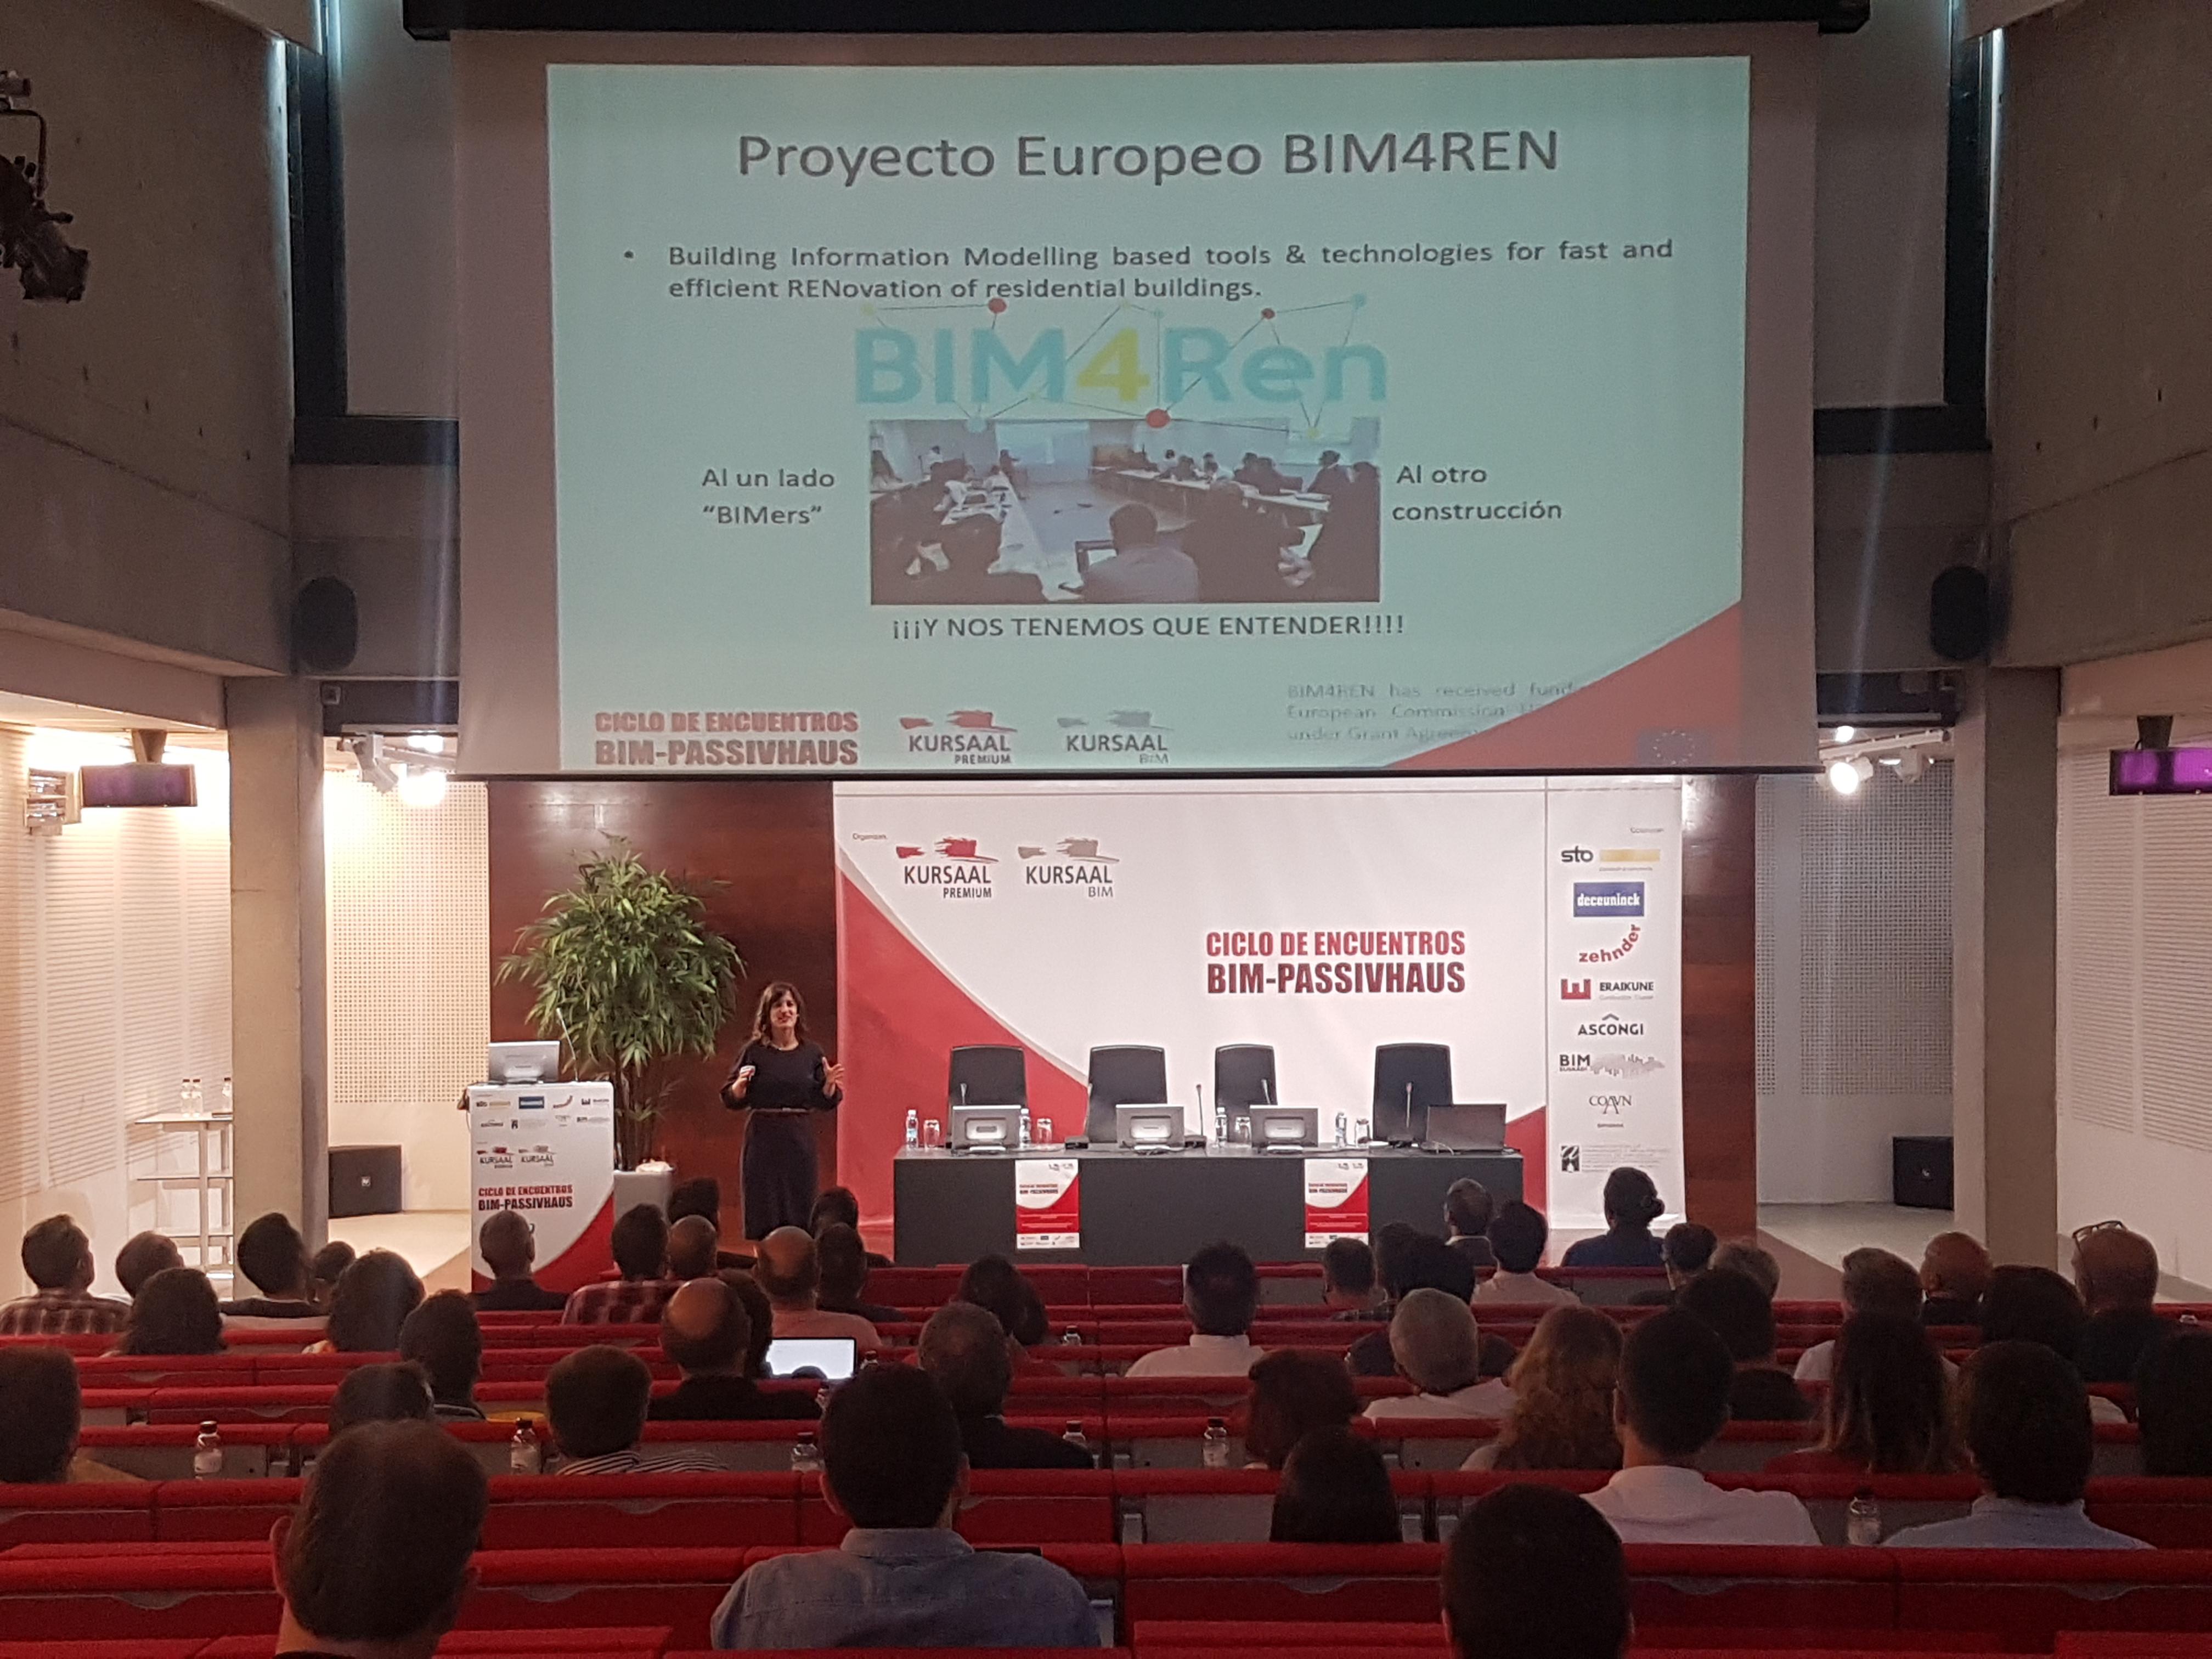 imagen 2 de noticia: celebramos-el-primer-encuentro-bim-passivhaus-en-el-centro-de-negocios-de-la-cmara-de-gipuzkoa